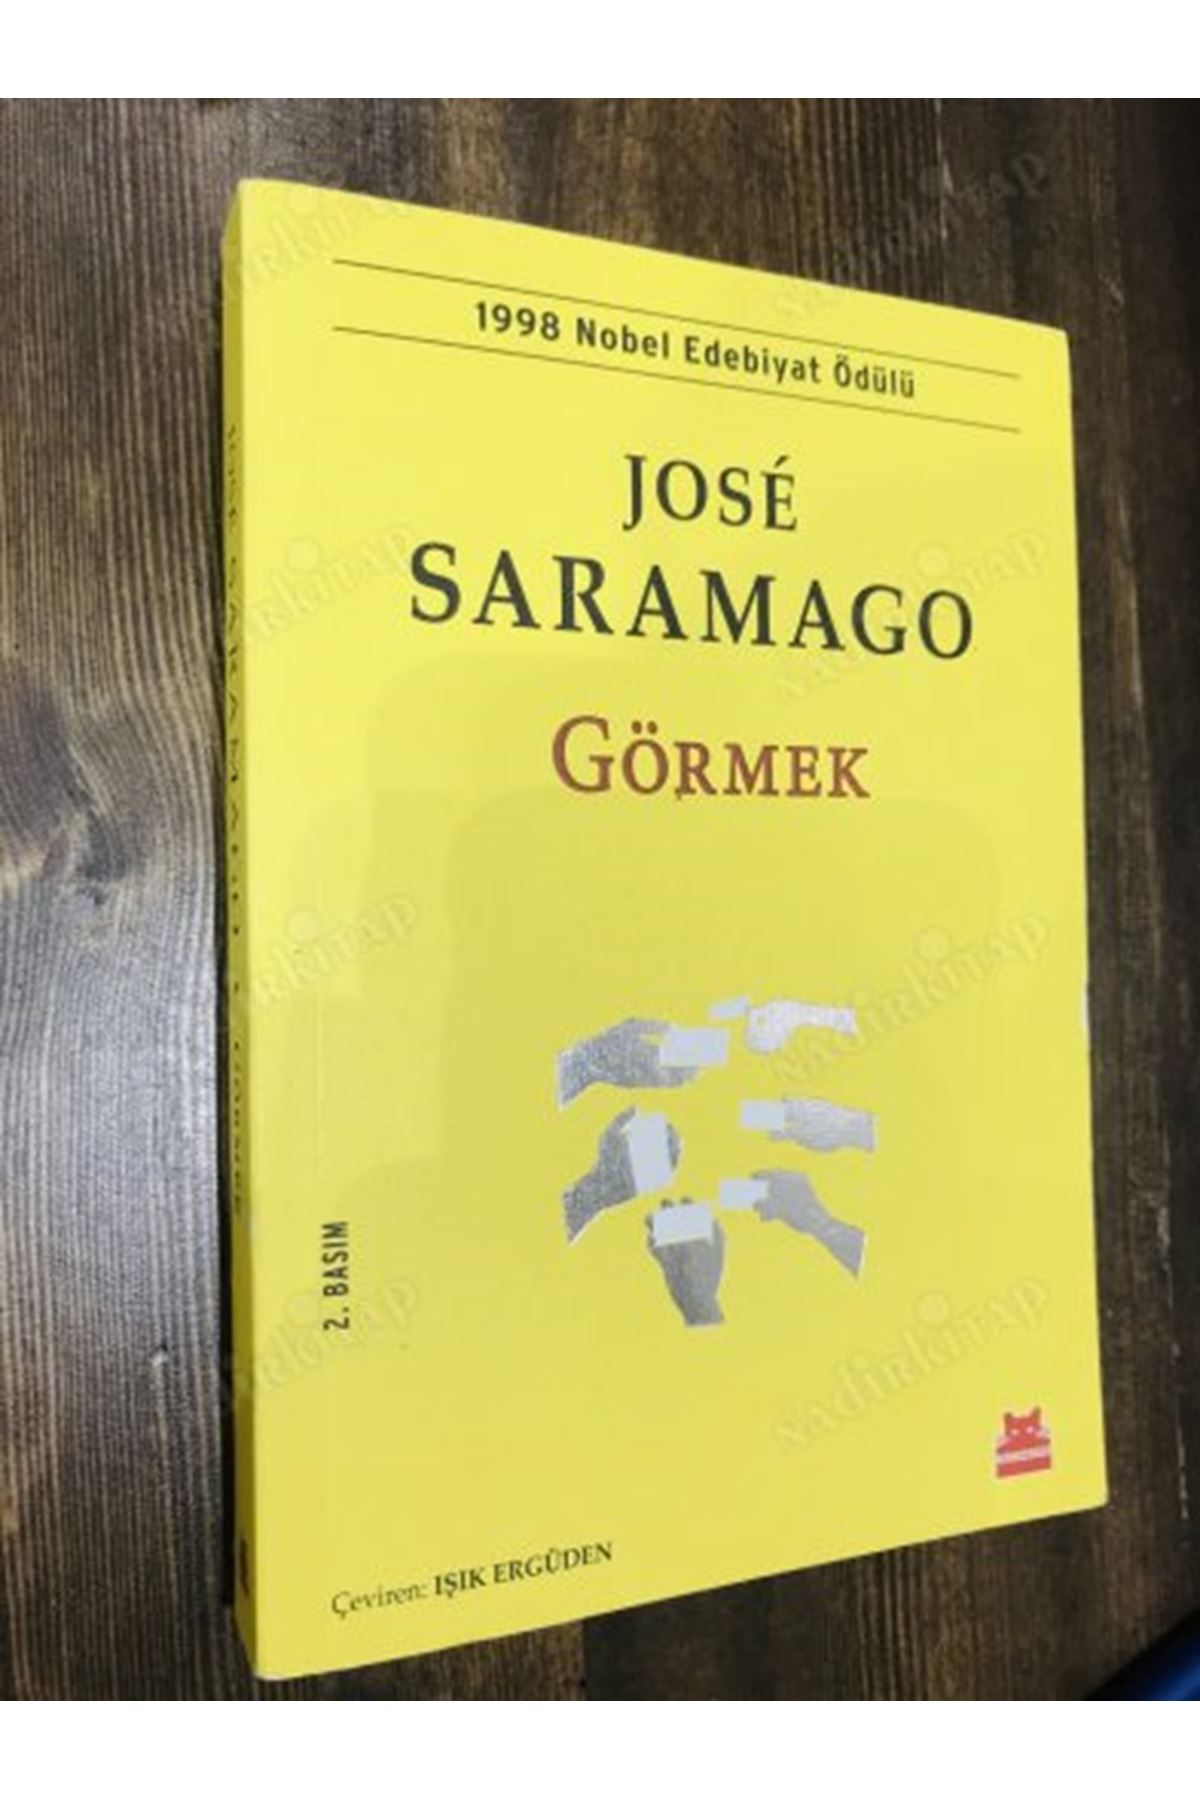 JOSE SARAMAGO - GÖRMEK